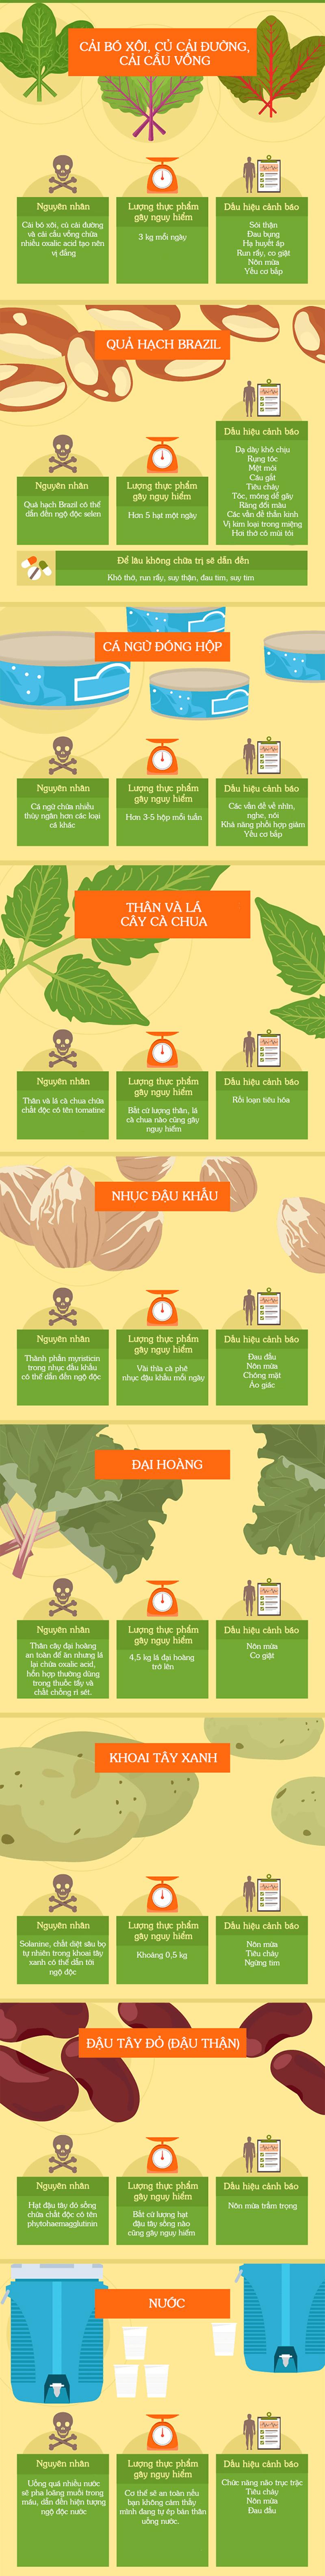 7 thực phẩm càng ăn nhiều càng gây hại